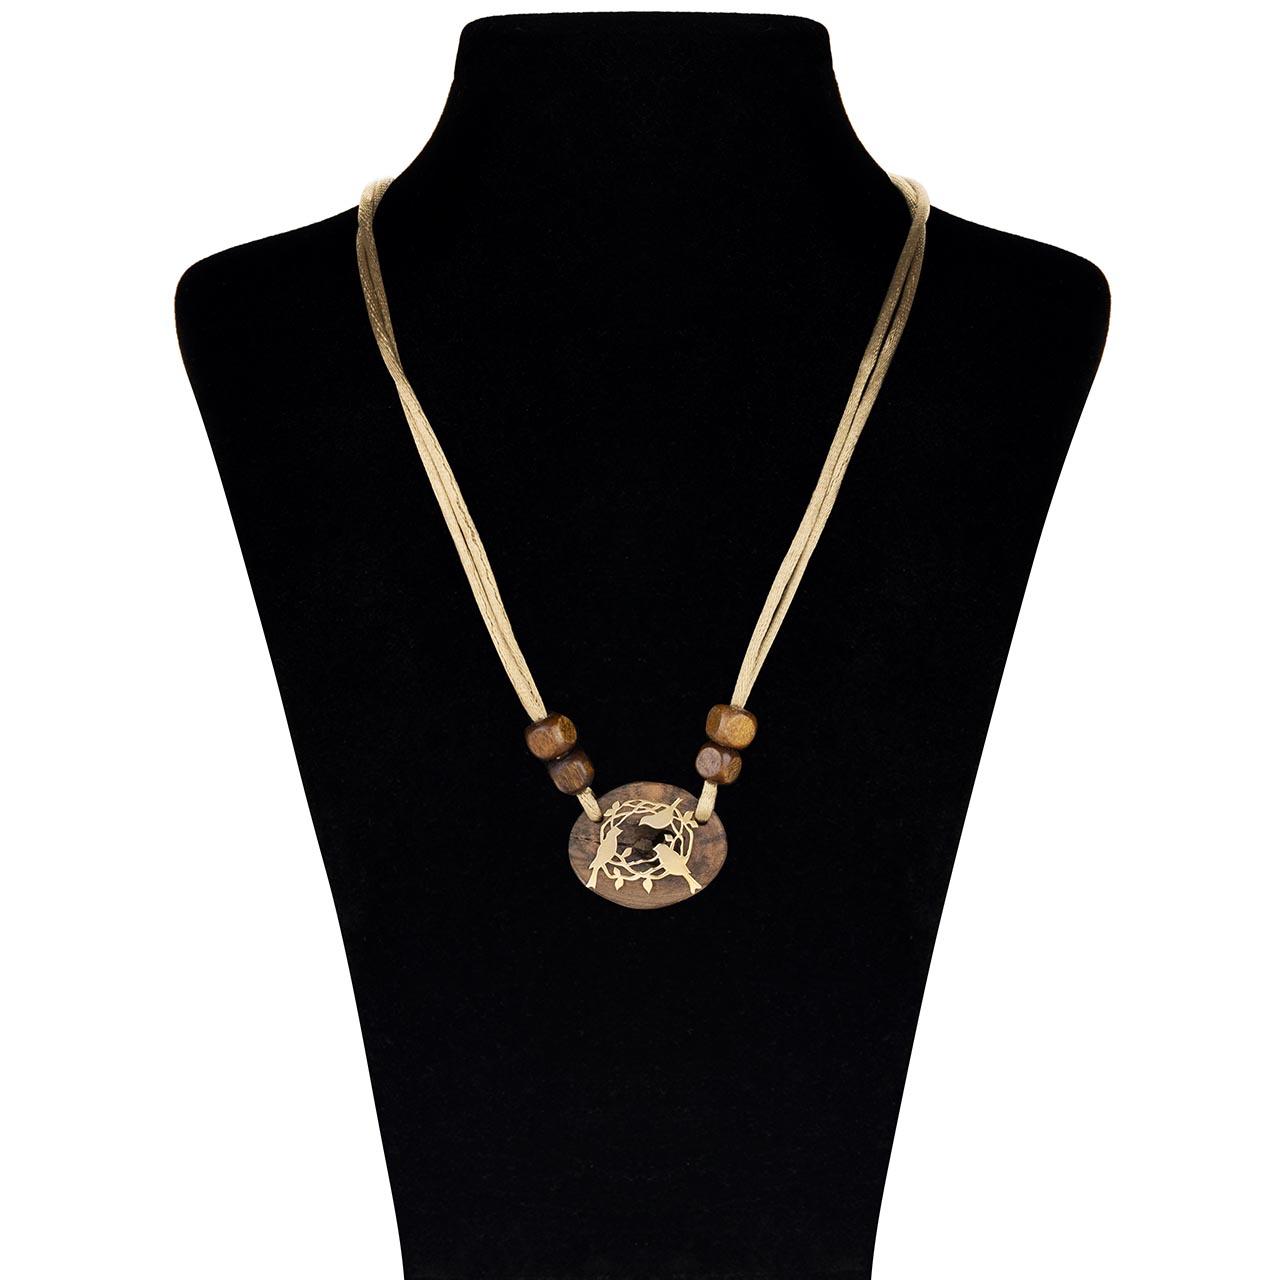 قیمت گردنبند طلا  18 عیار جواهری پرن مدل چوب  آشیانه WP001